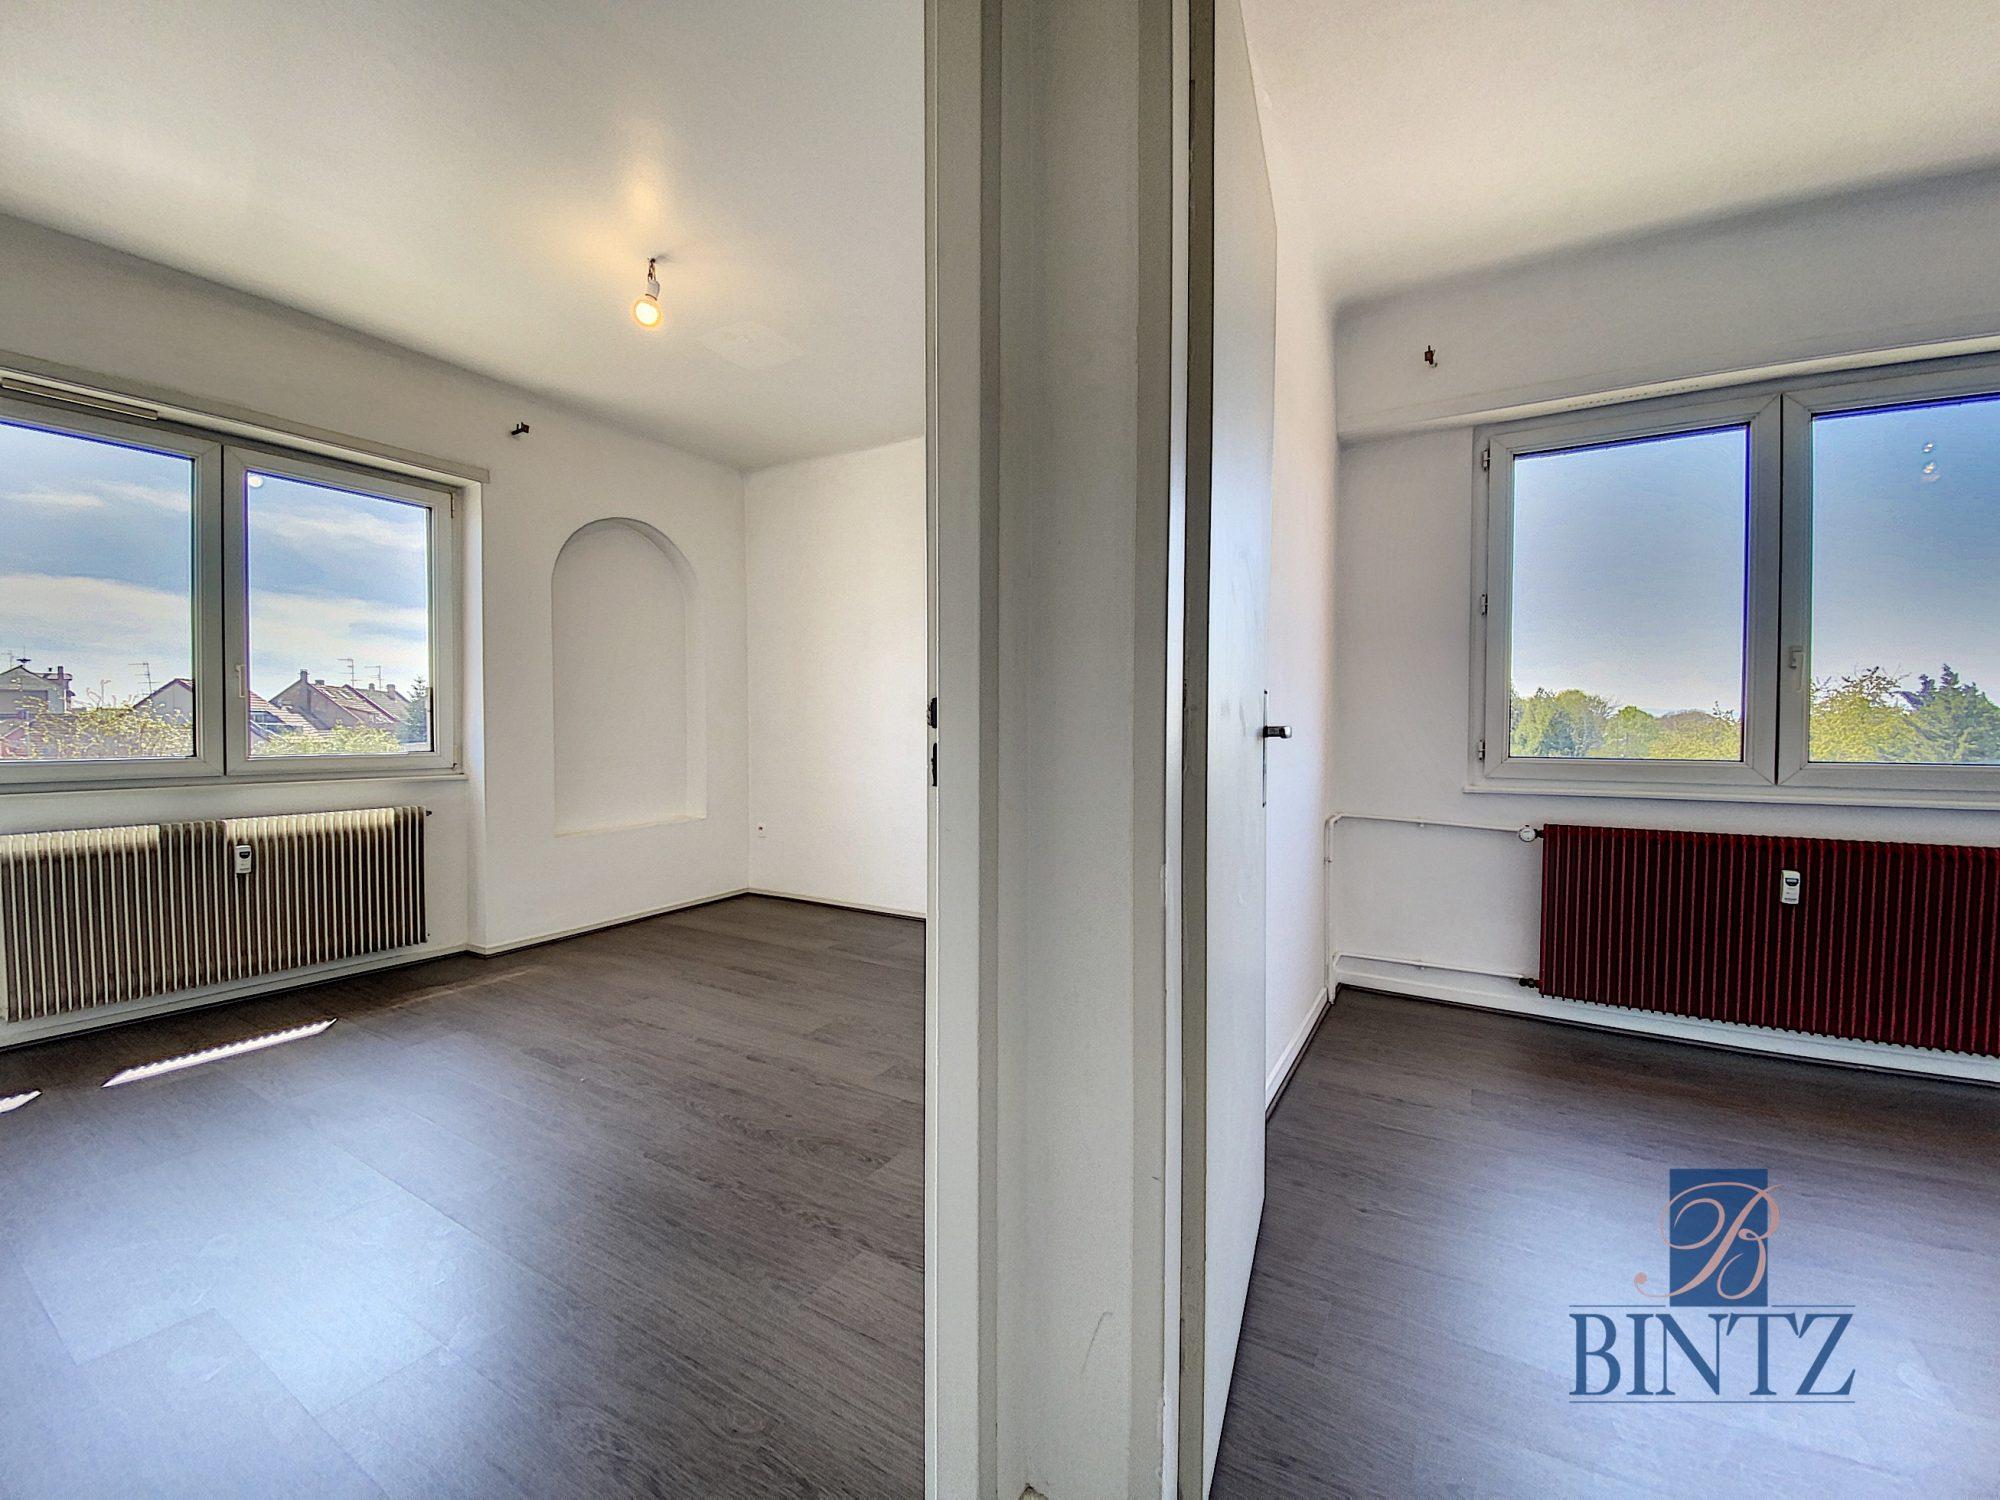 3P MONTAGNE VERTE - Devenez locataire en toute sérénité - Bintz Immobilier - 9